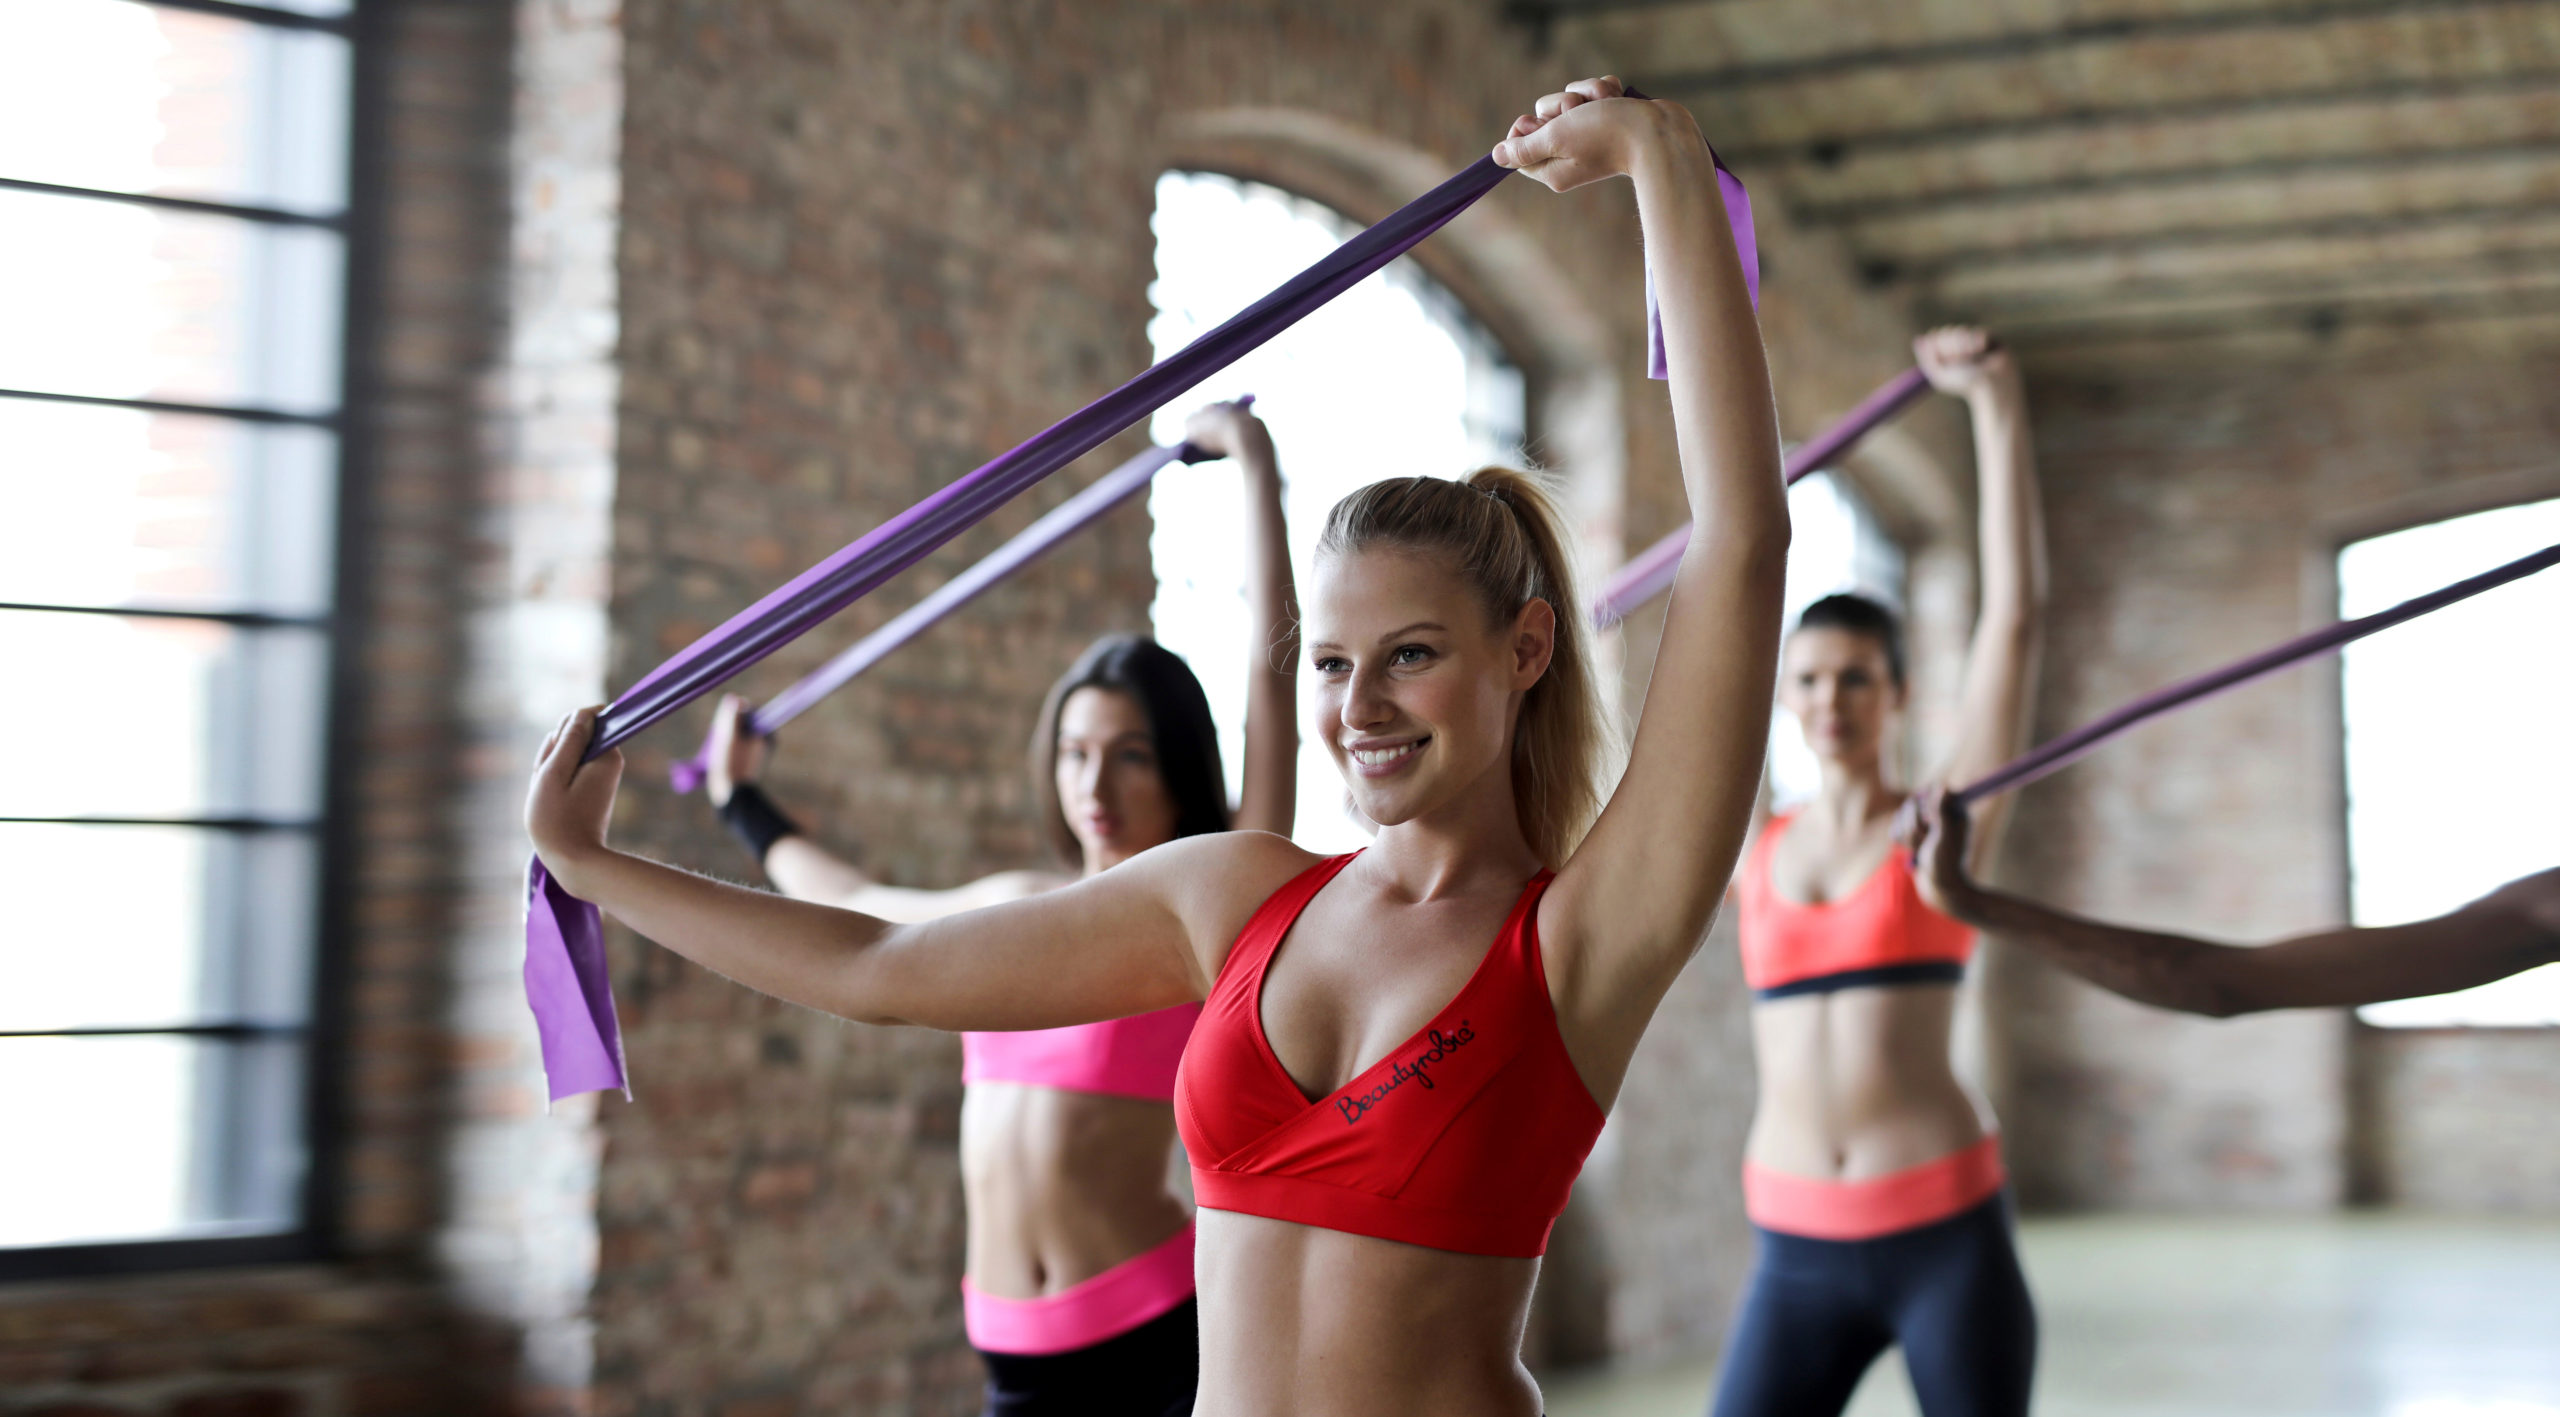 Таллинн приглашает: начните день с энергичных занятий спортом!